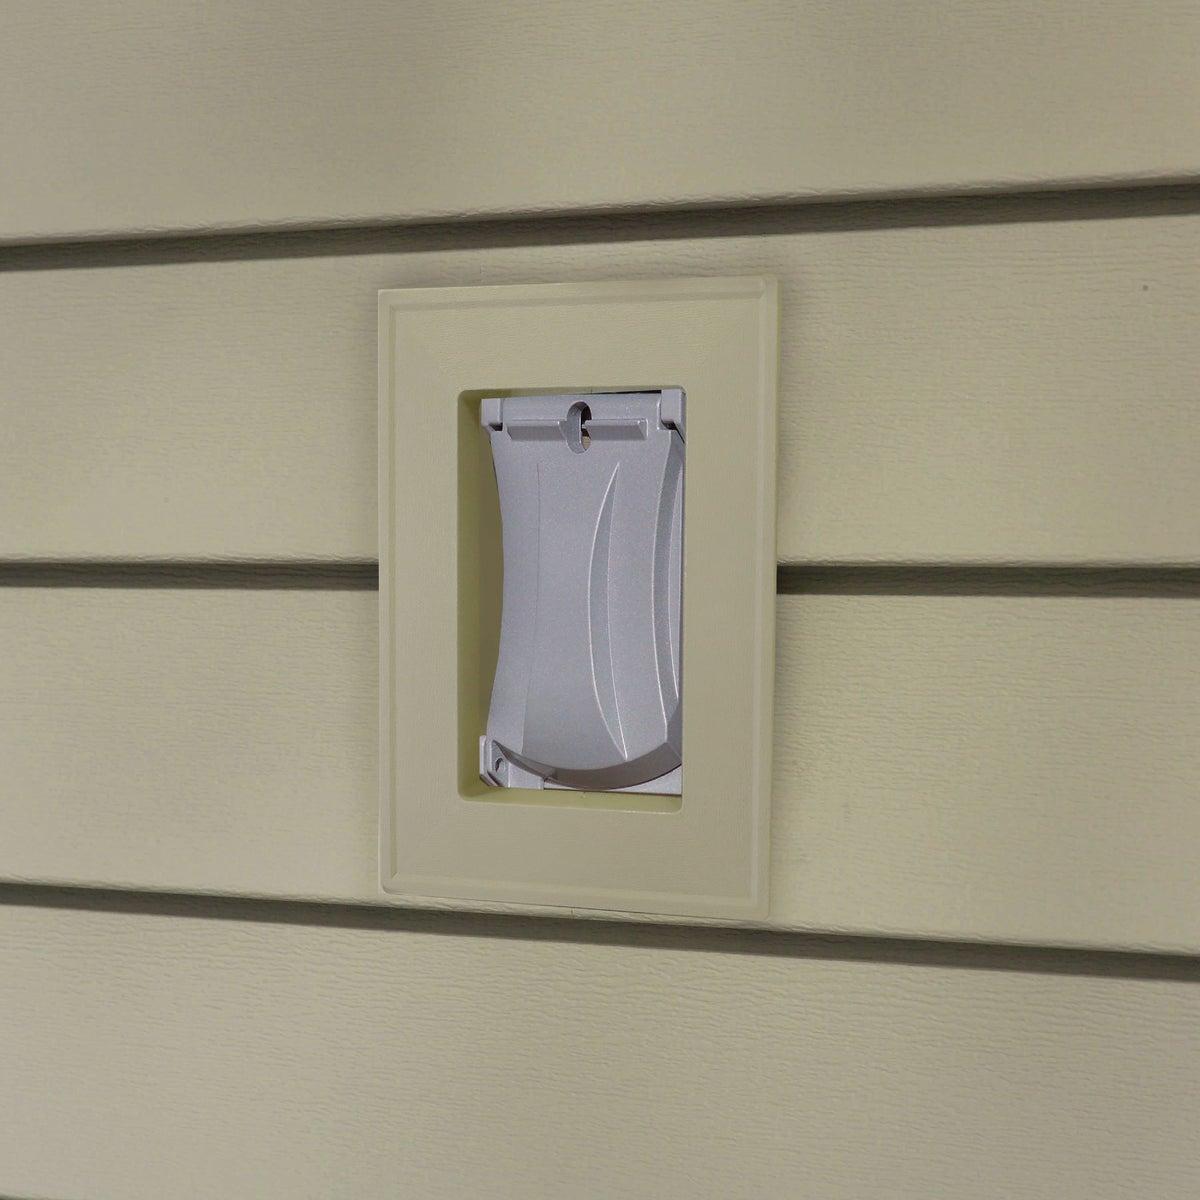 Alcoa Home Exteriors CLAY RECESS J-BLOCK MBLOCKR PC